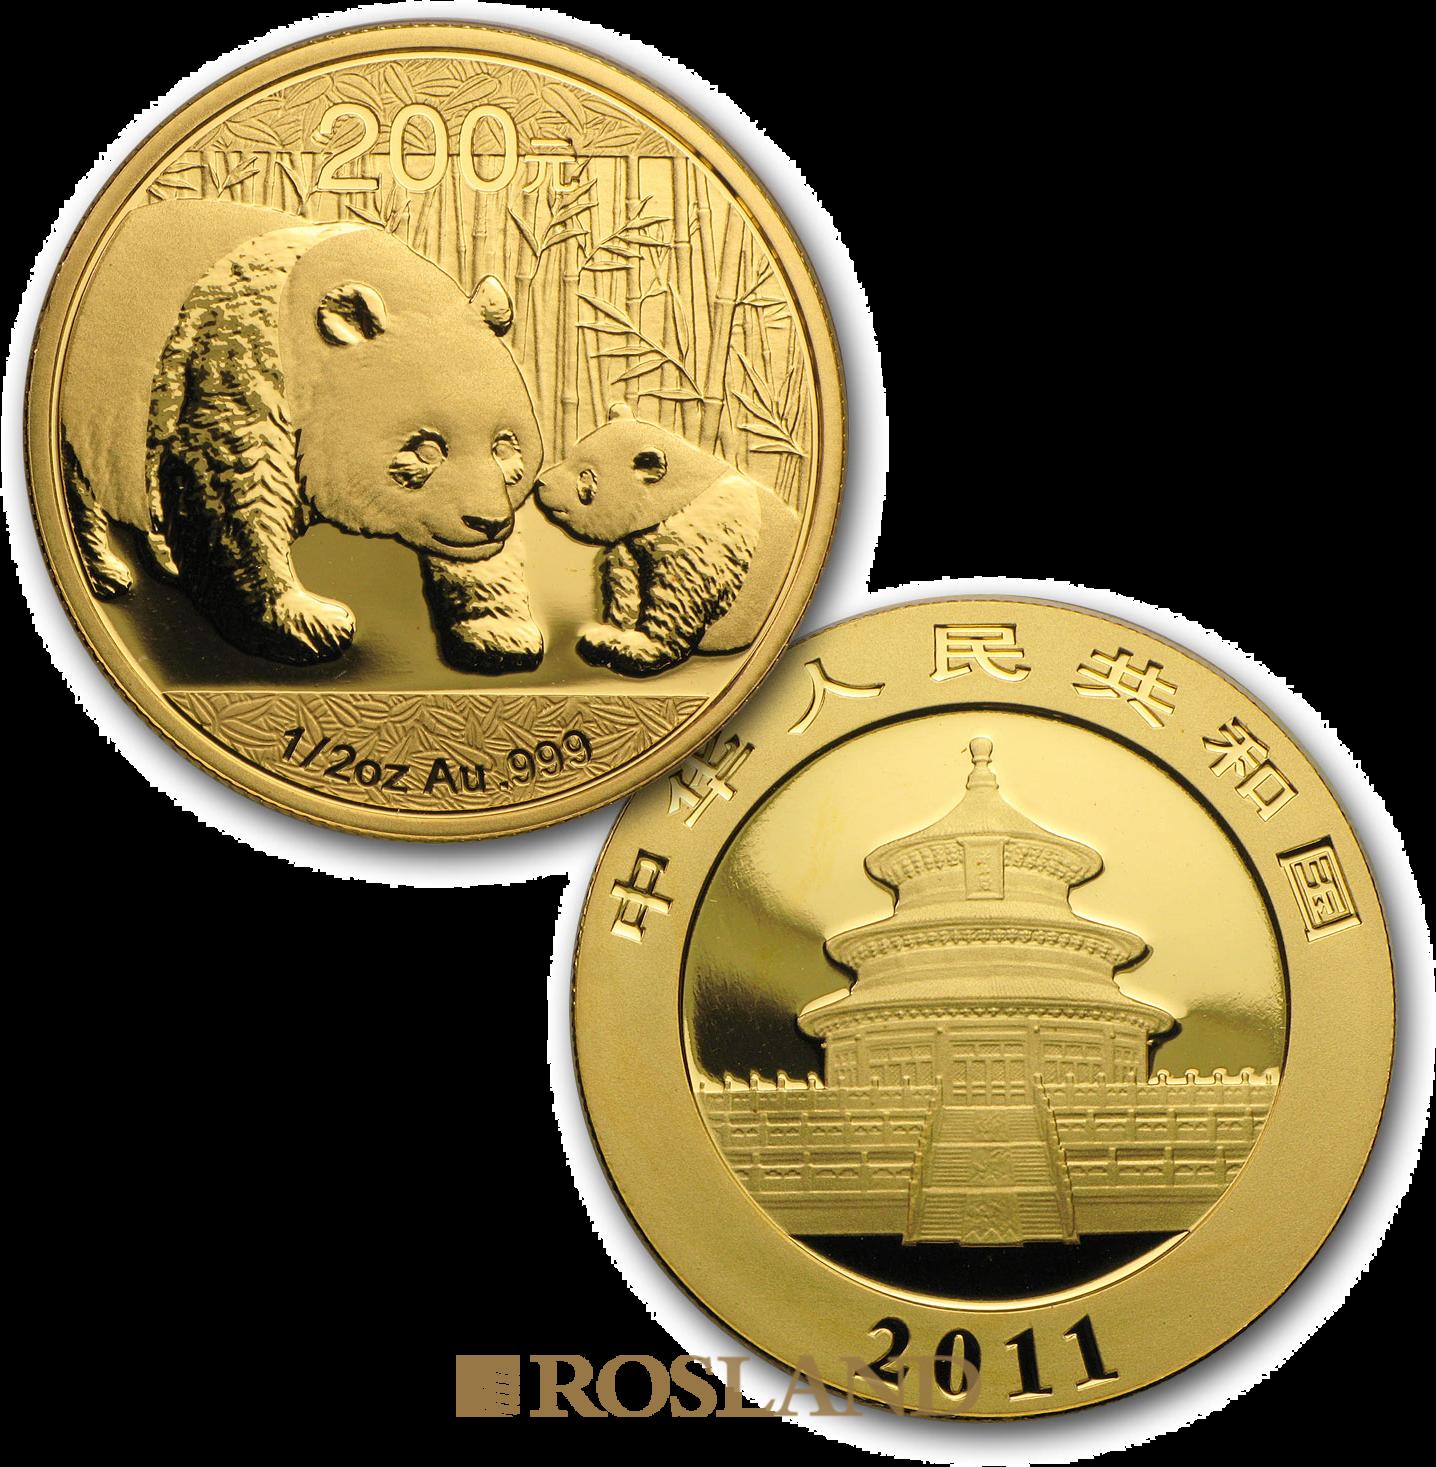 1,9 Unzen 5 Goldmünzen Set China Panda Hase 2011 (Box, Zertifikat)